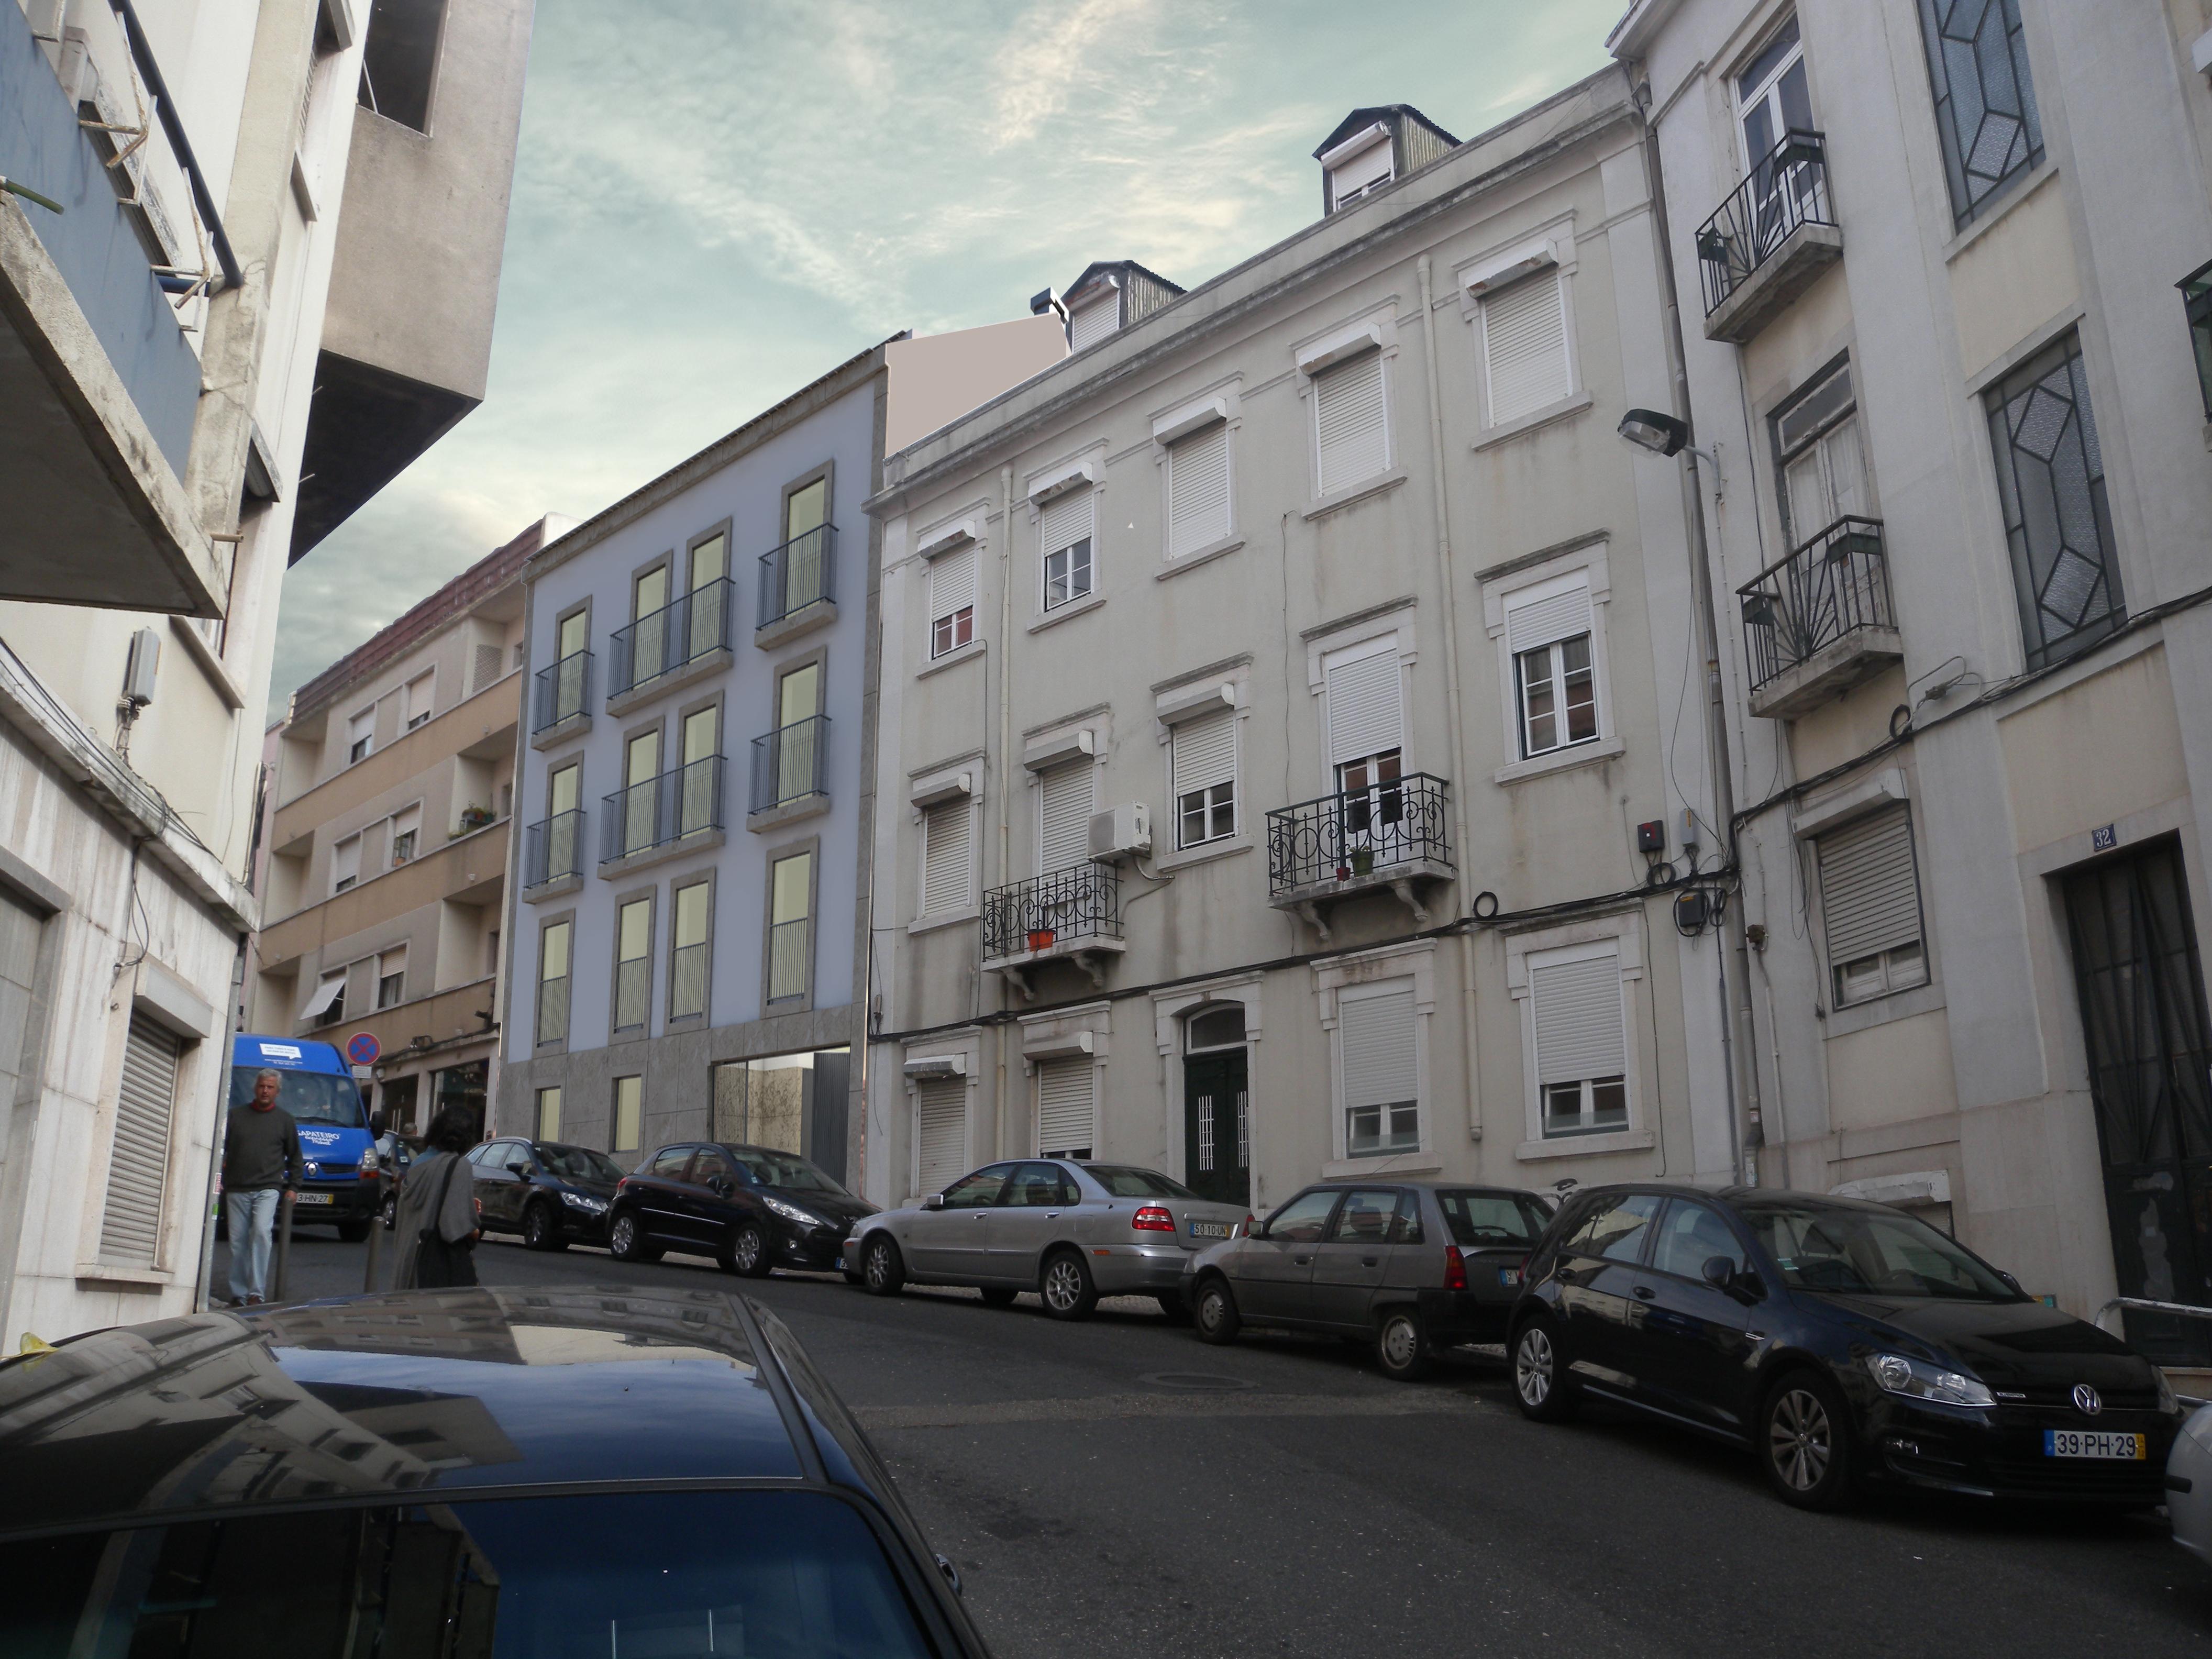 ALTO CARVALHAO HOUSING